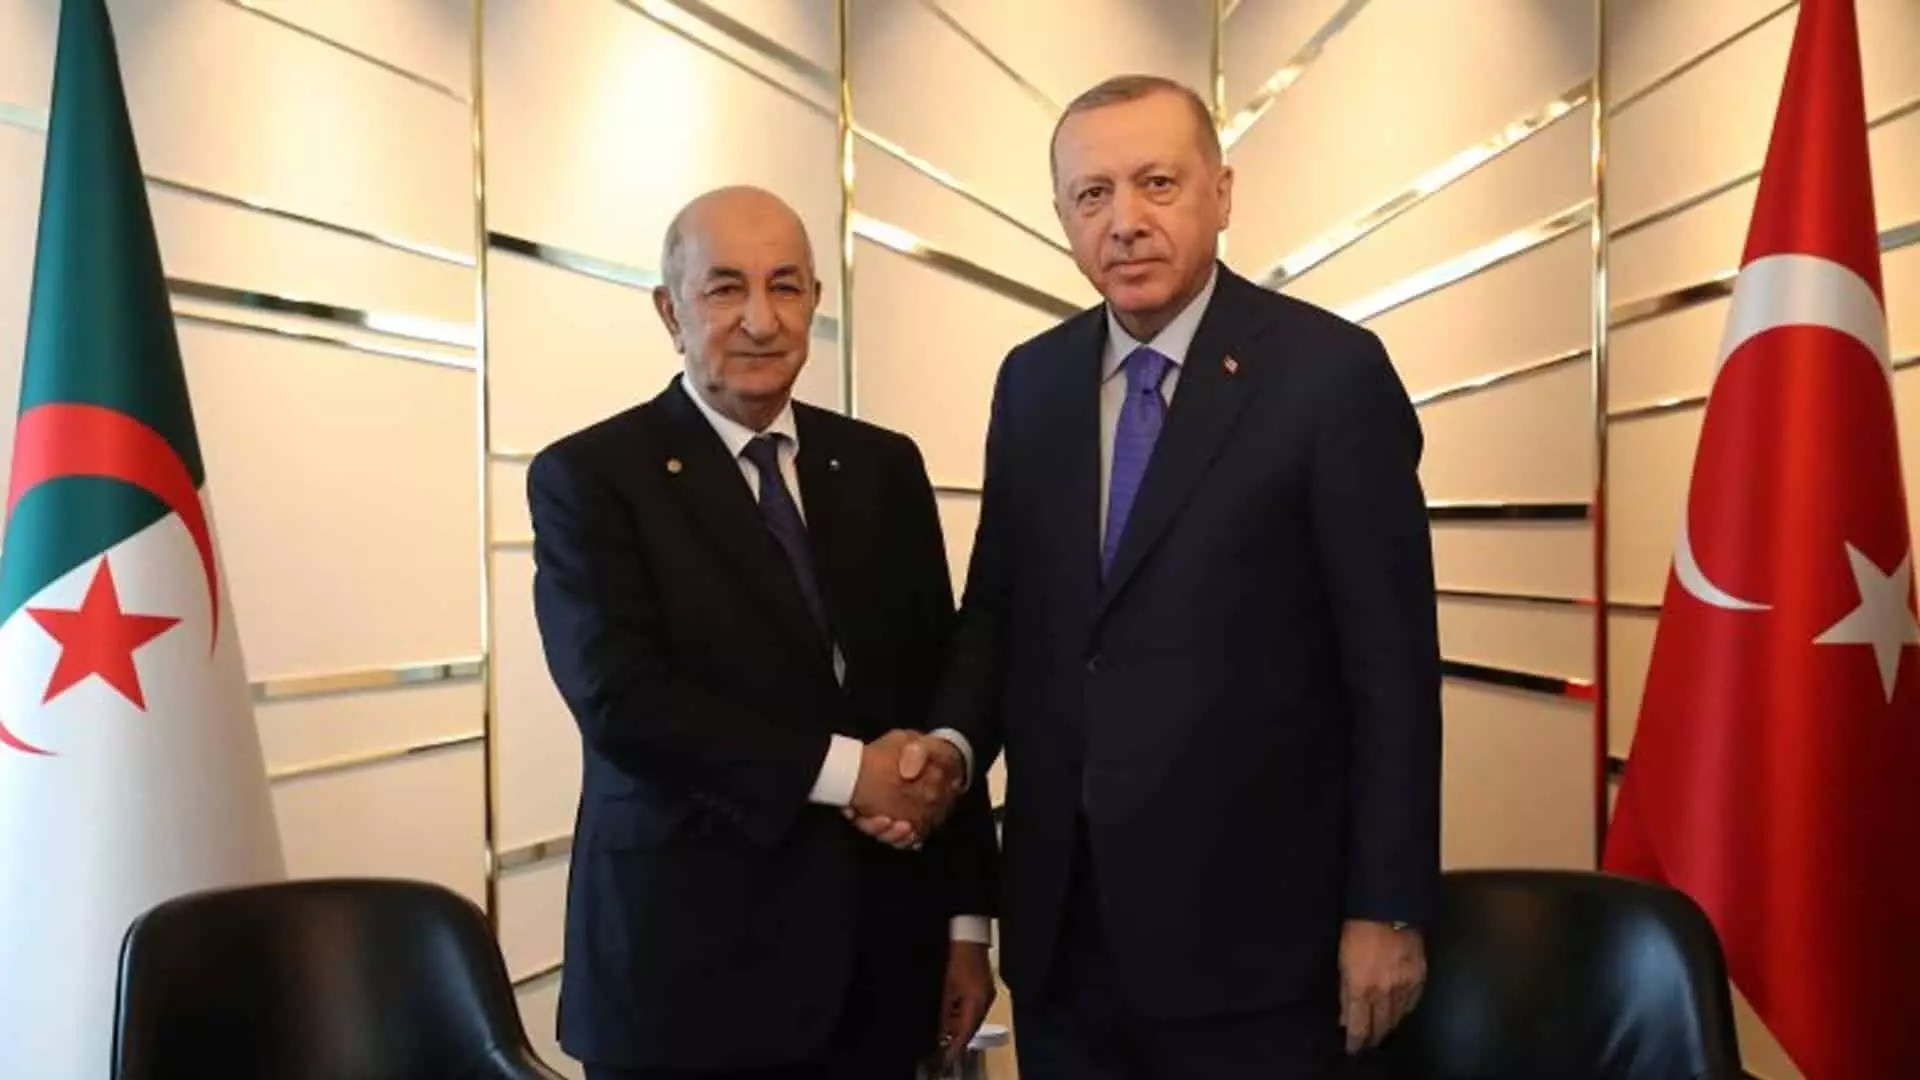 Rachad au cœur d'hostilité entre l'Algérie et la Turquie